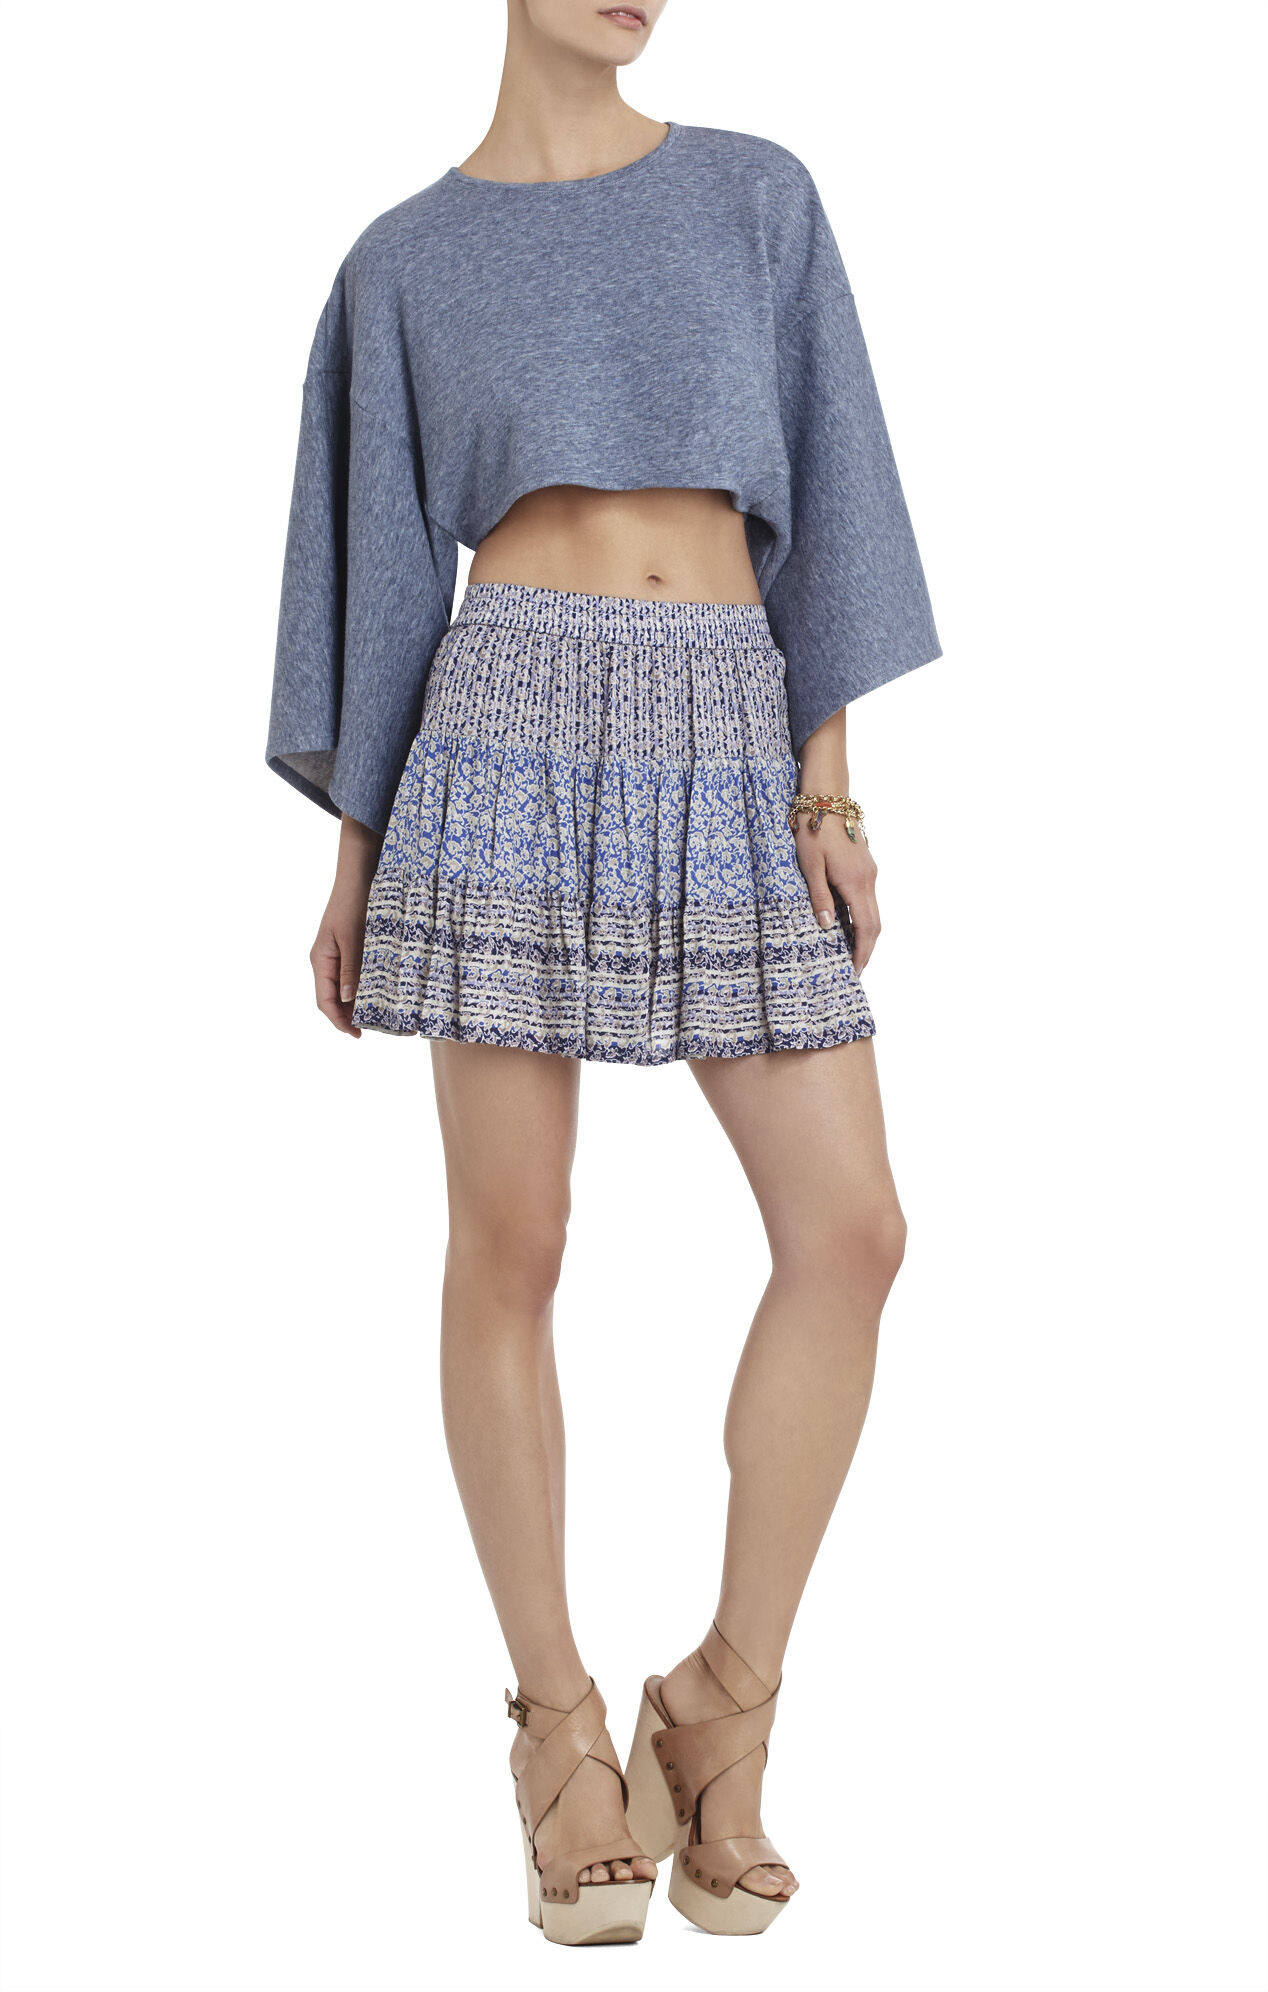 Kerey Kimono-Sleeve Cropped Top